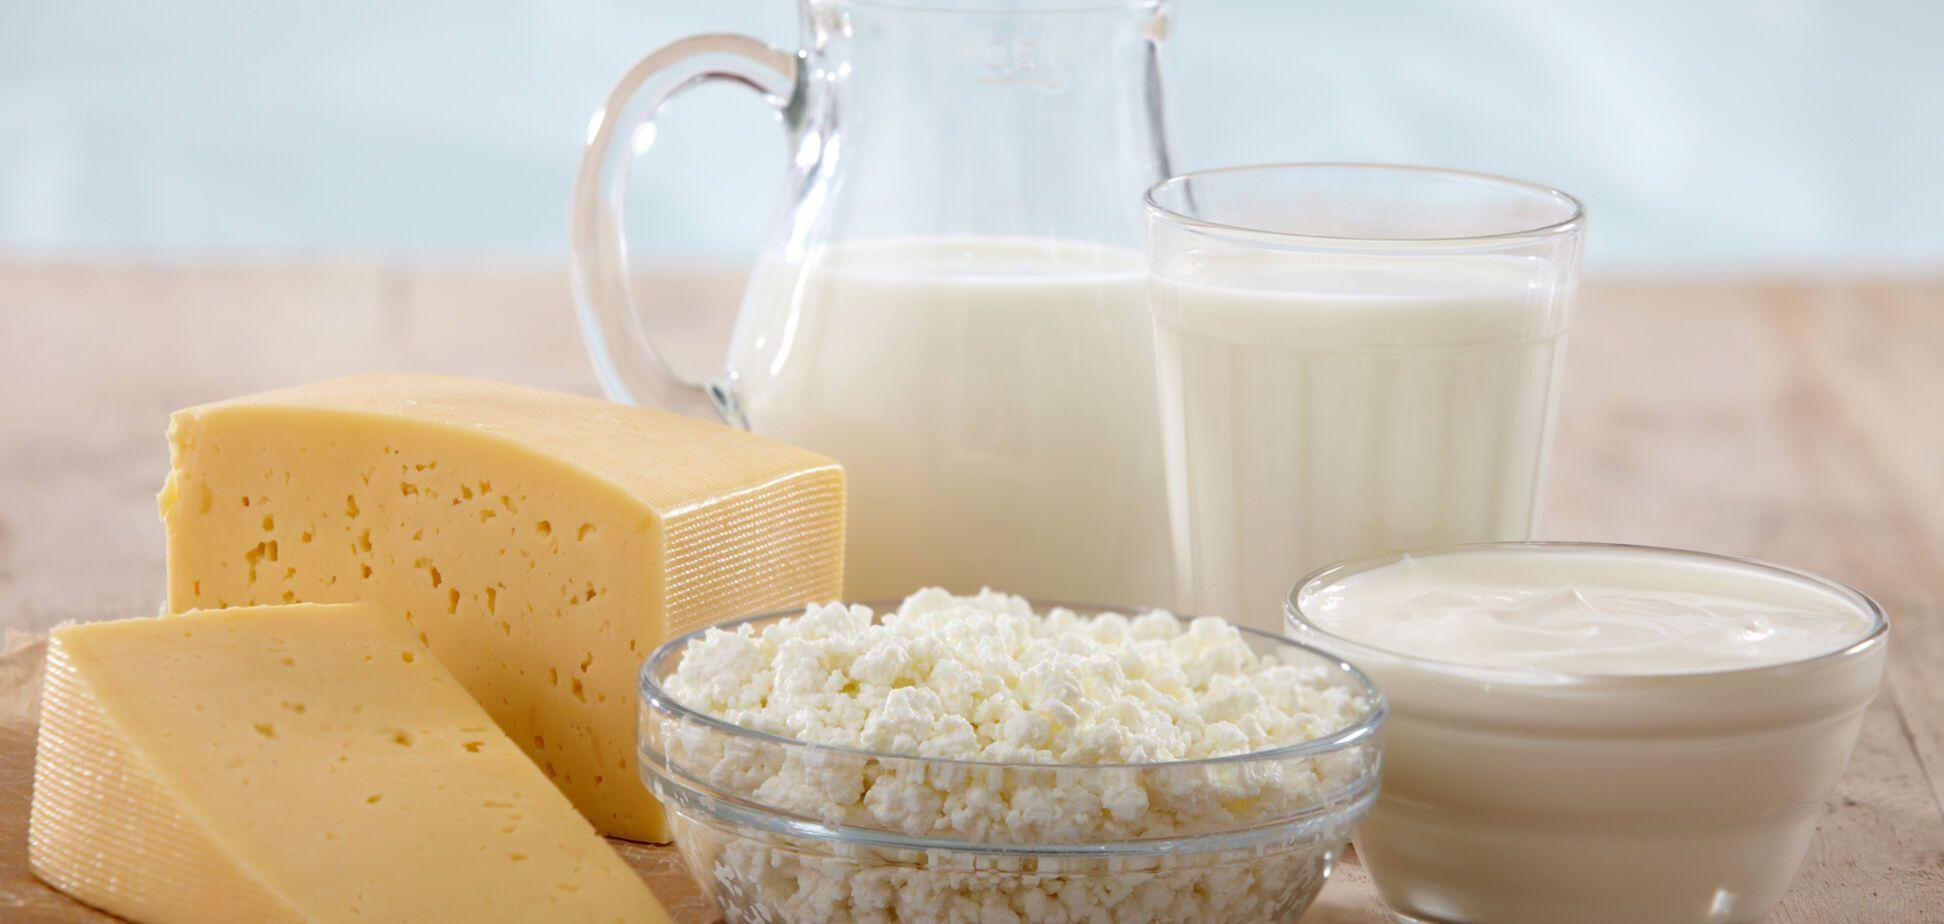 'Сальмонельоз не найстрашніше': лікар розповіла, як безпечно їсти домашні продукти з ринку